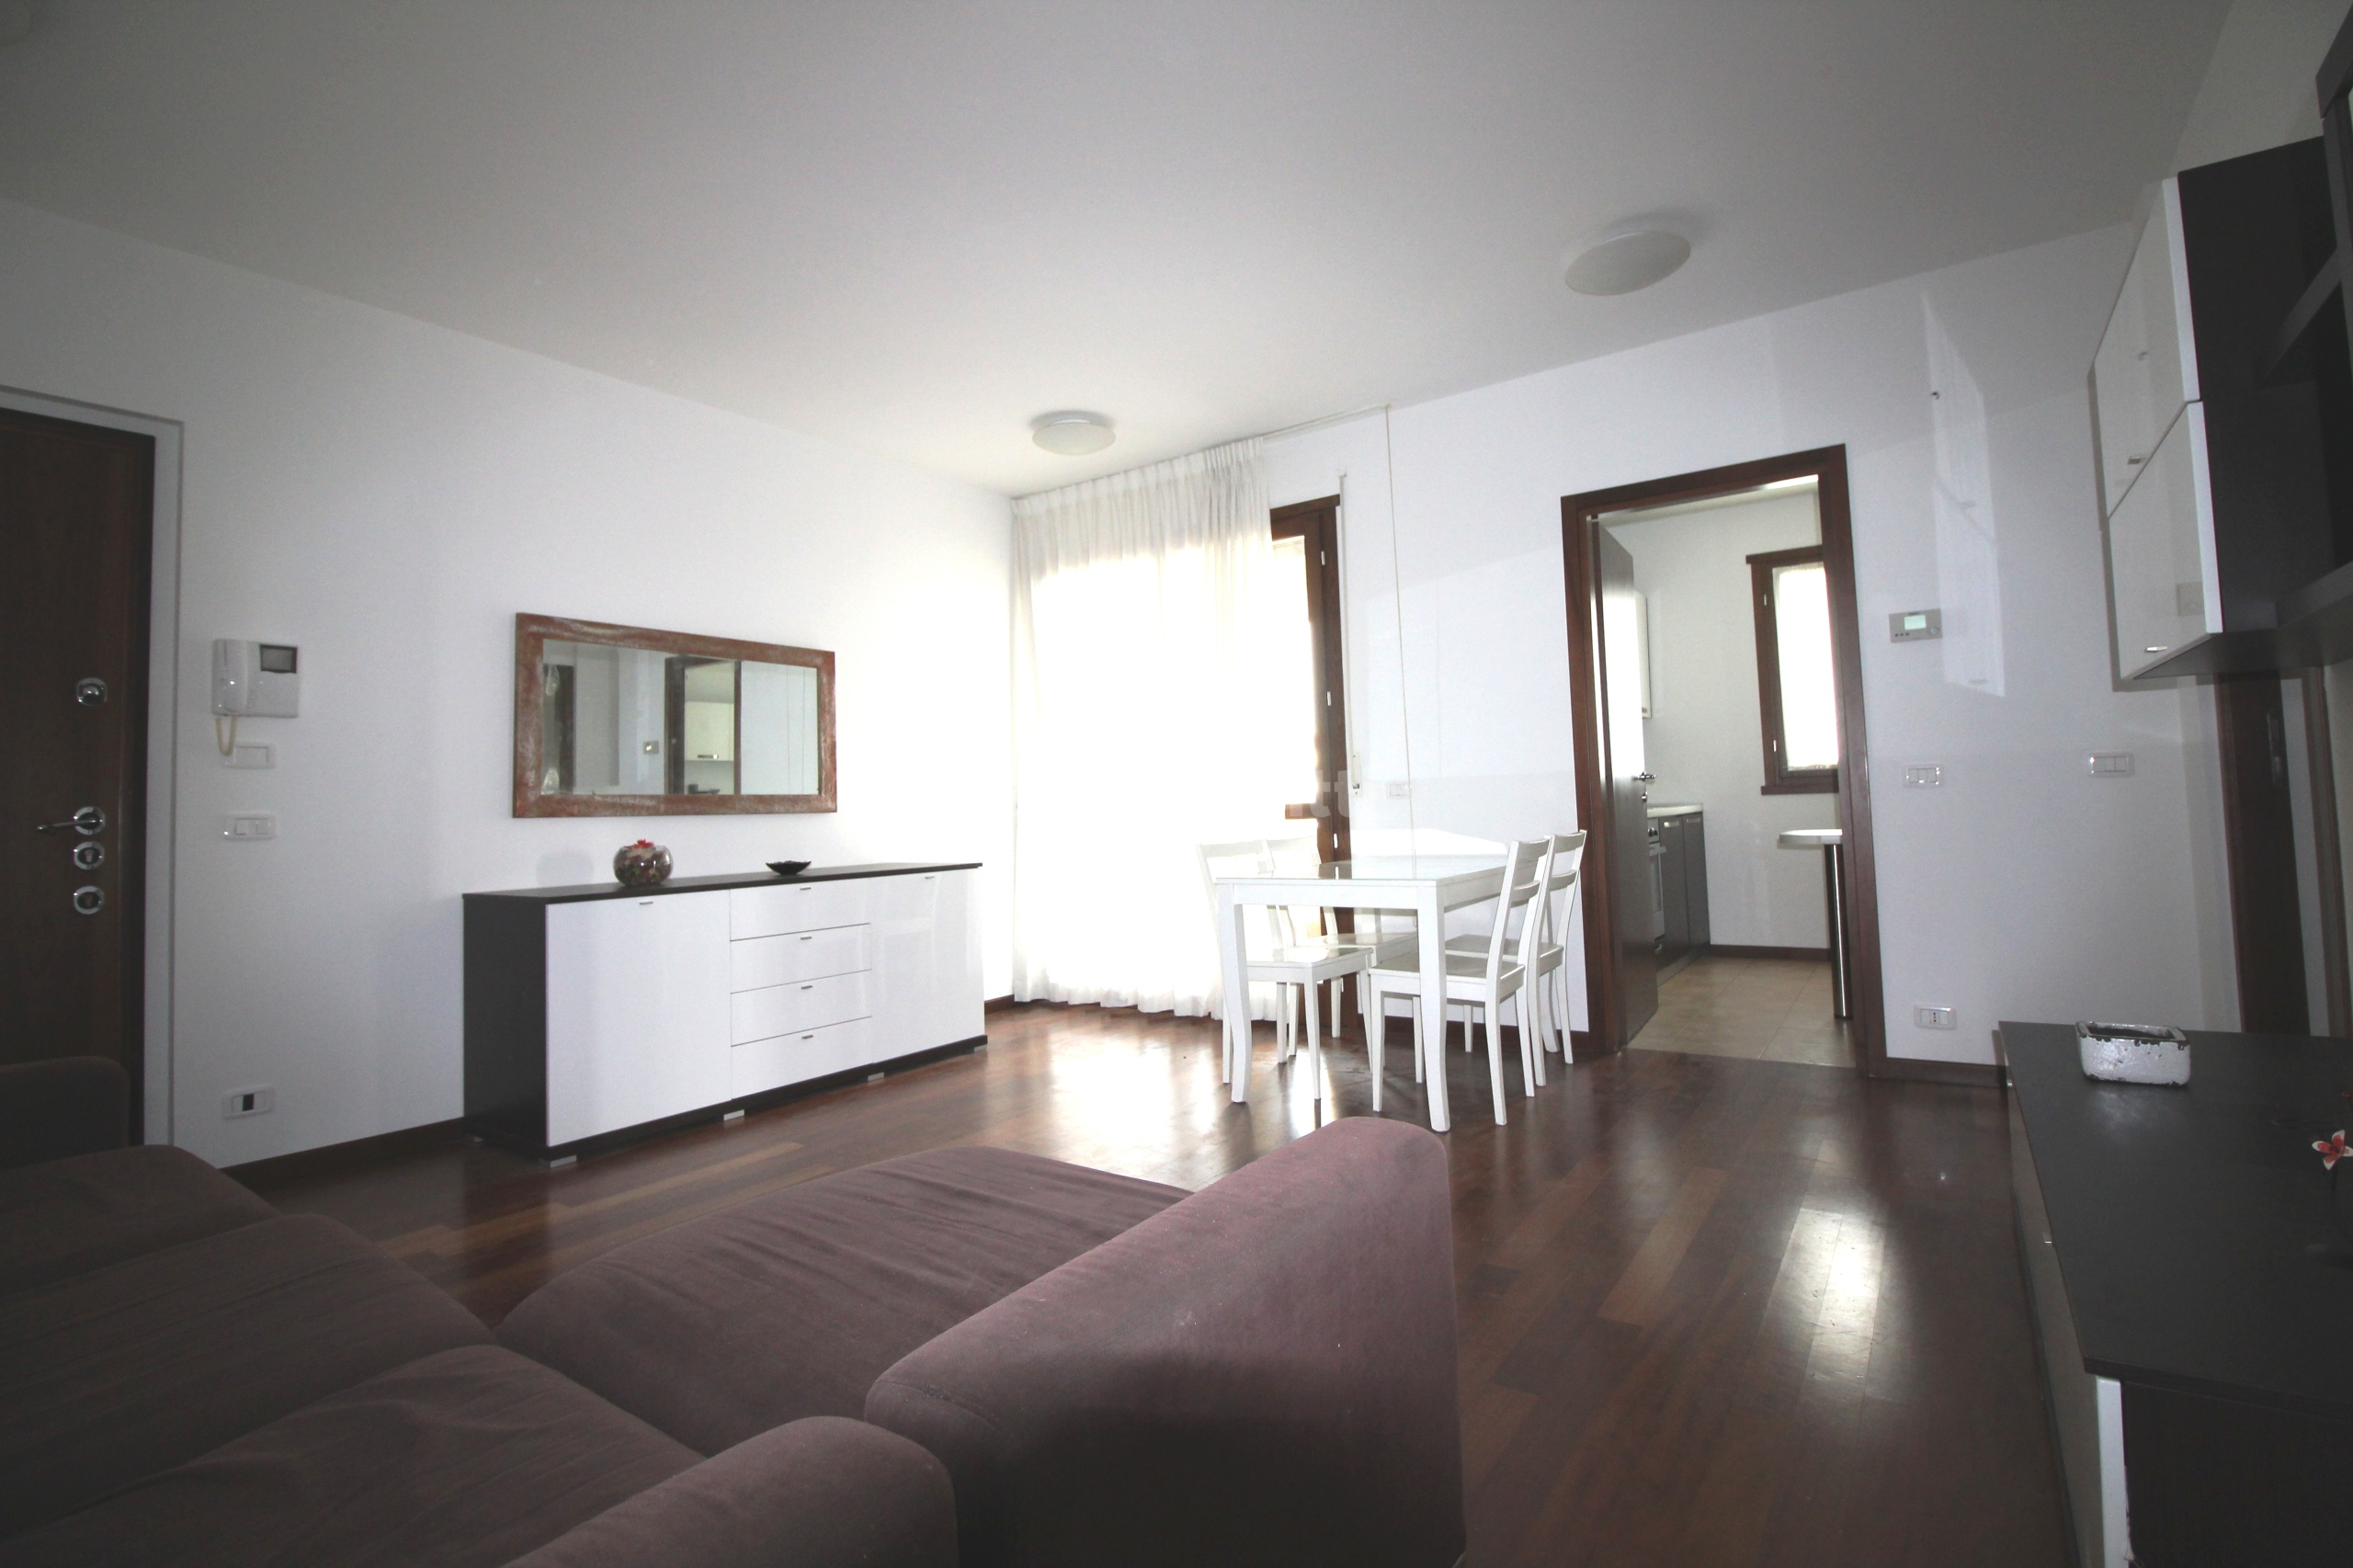 Affitto appartamento trilocale arredato 95 mq for Solo affitti bergamo